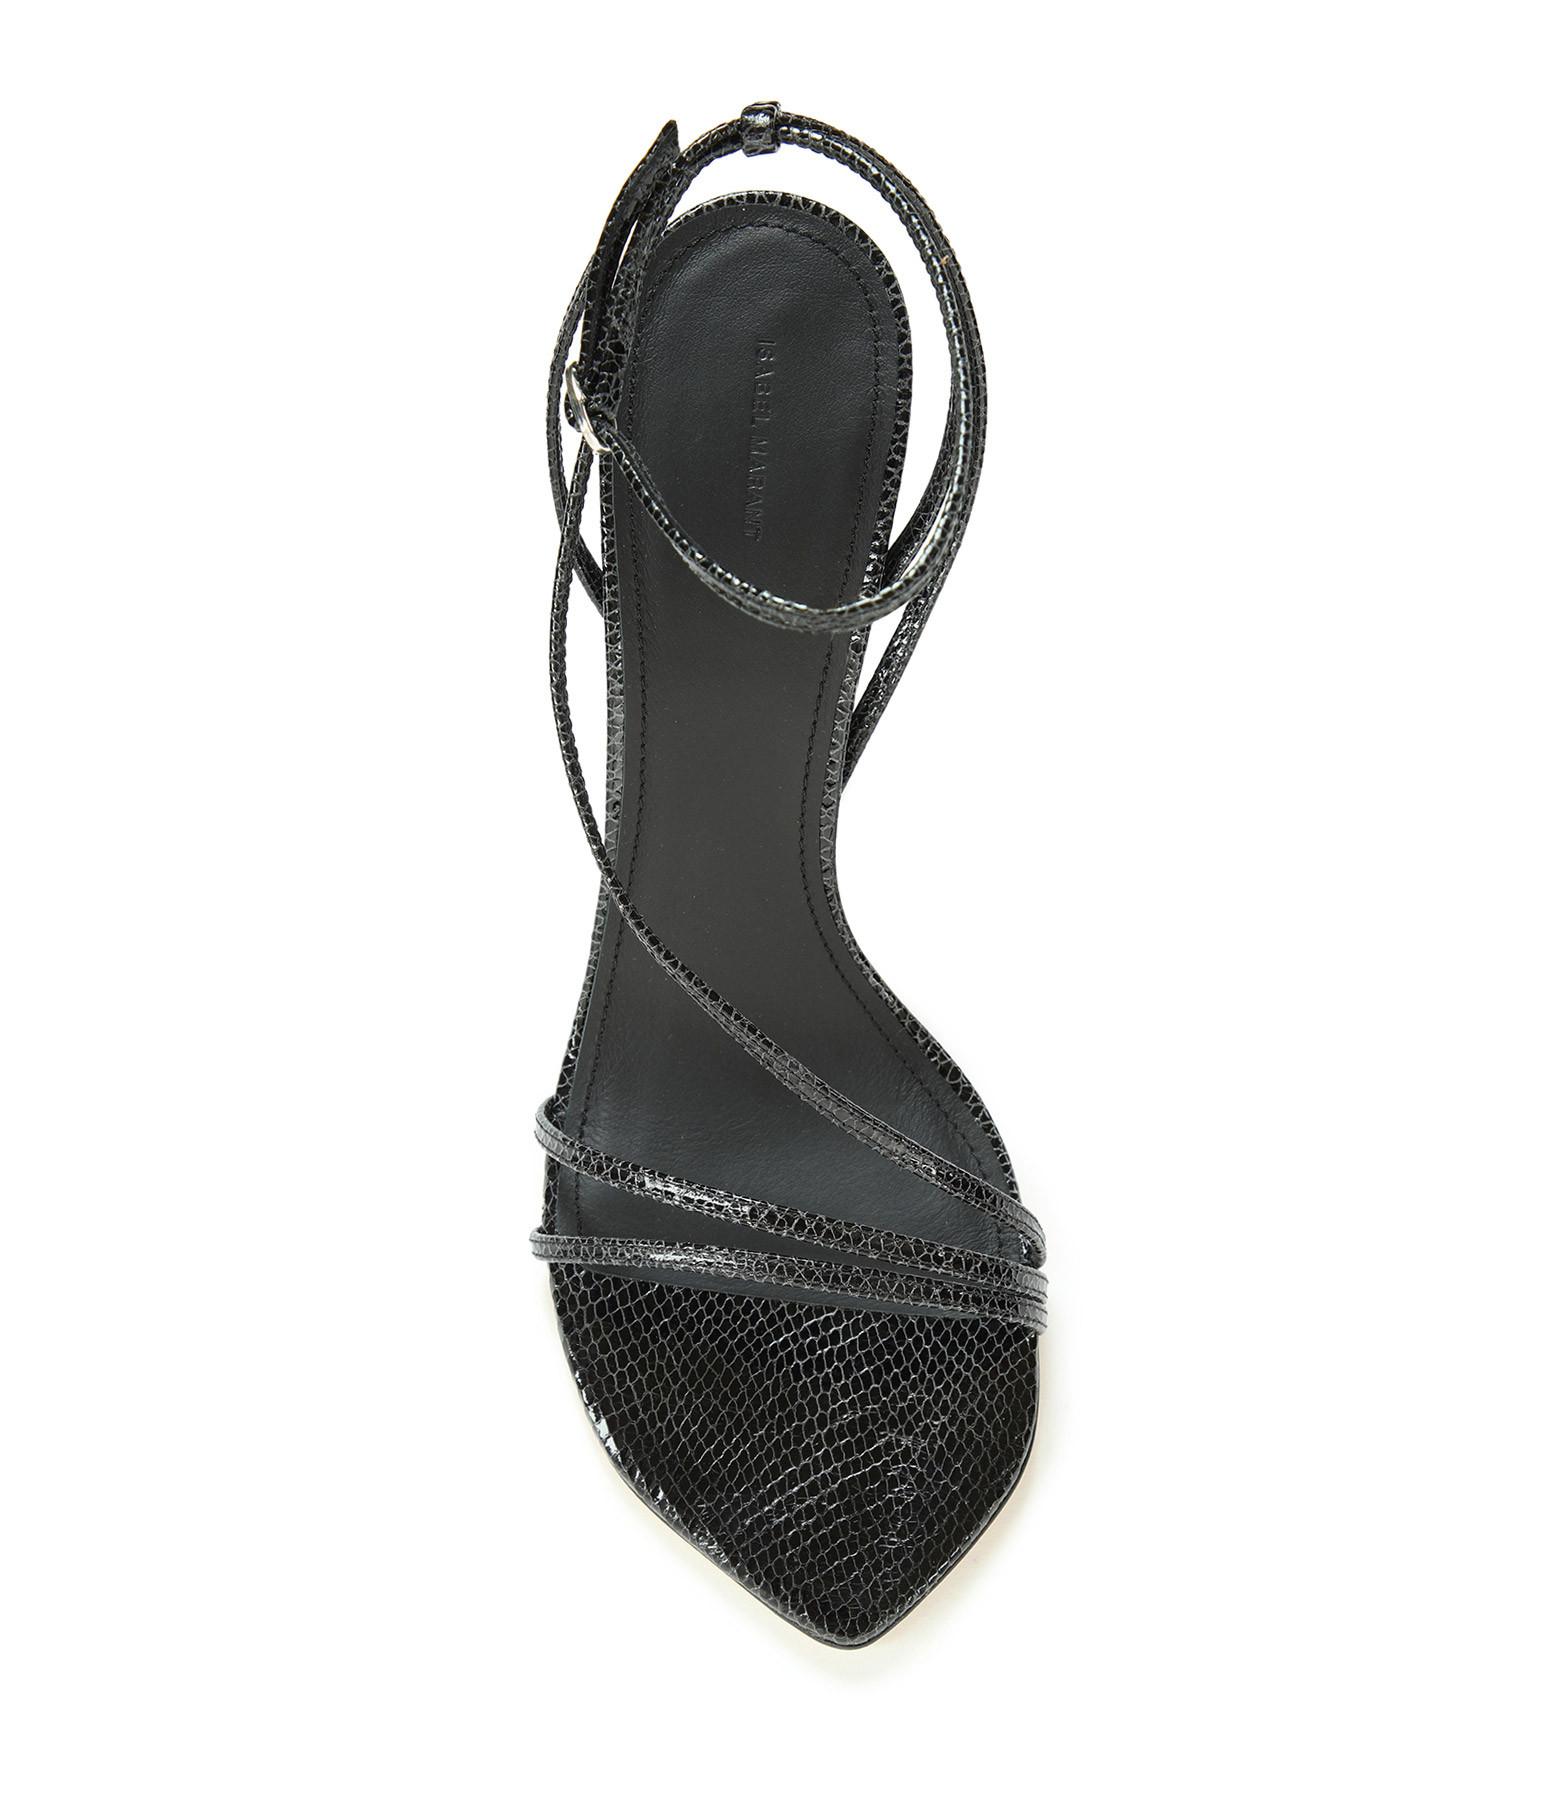 ISABEL MARANT - Sandales Axee Cuir Noir